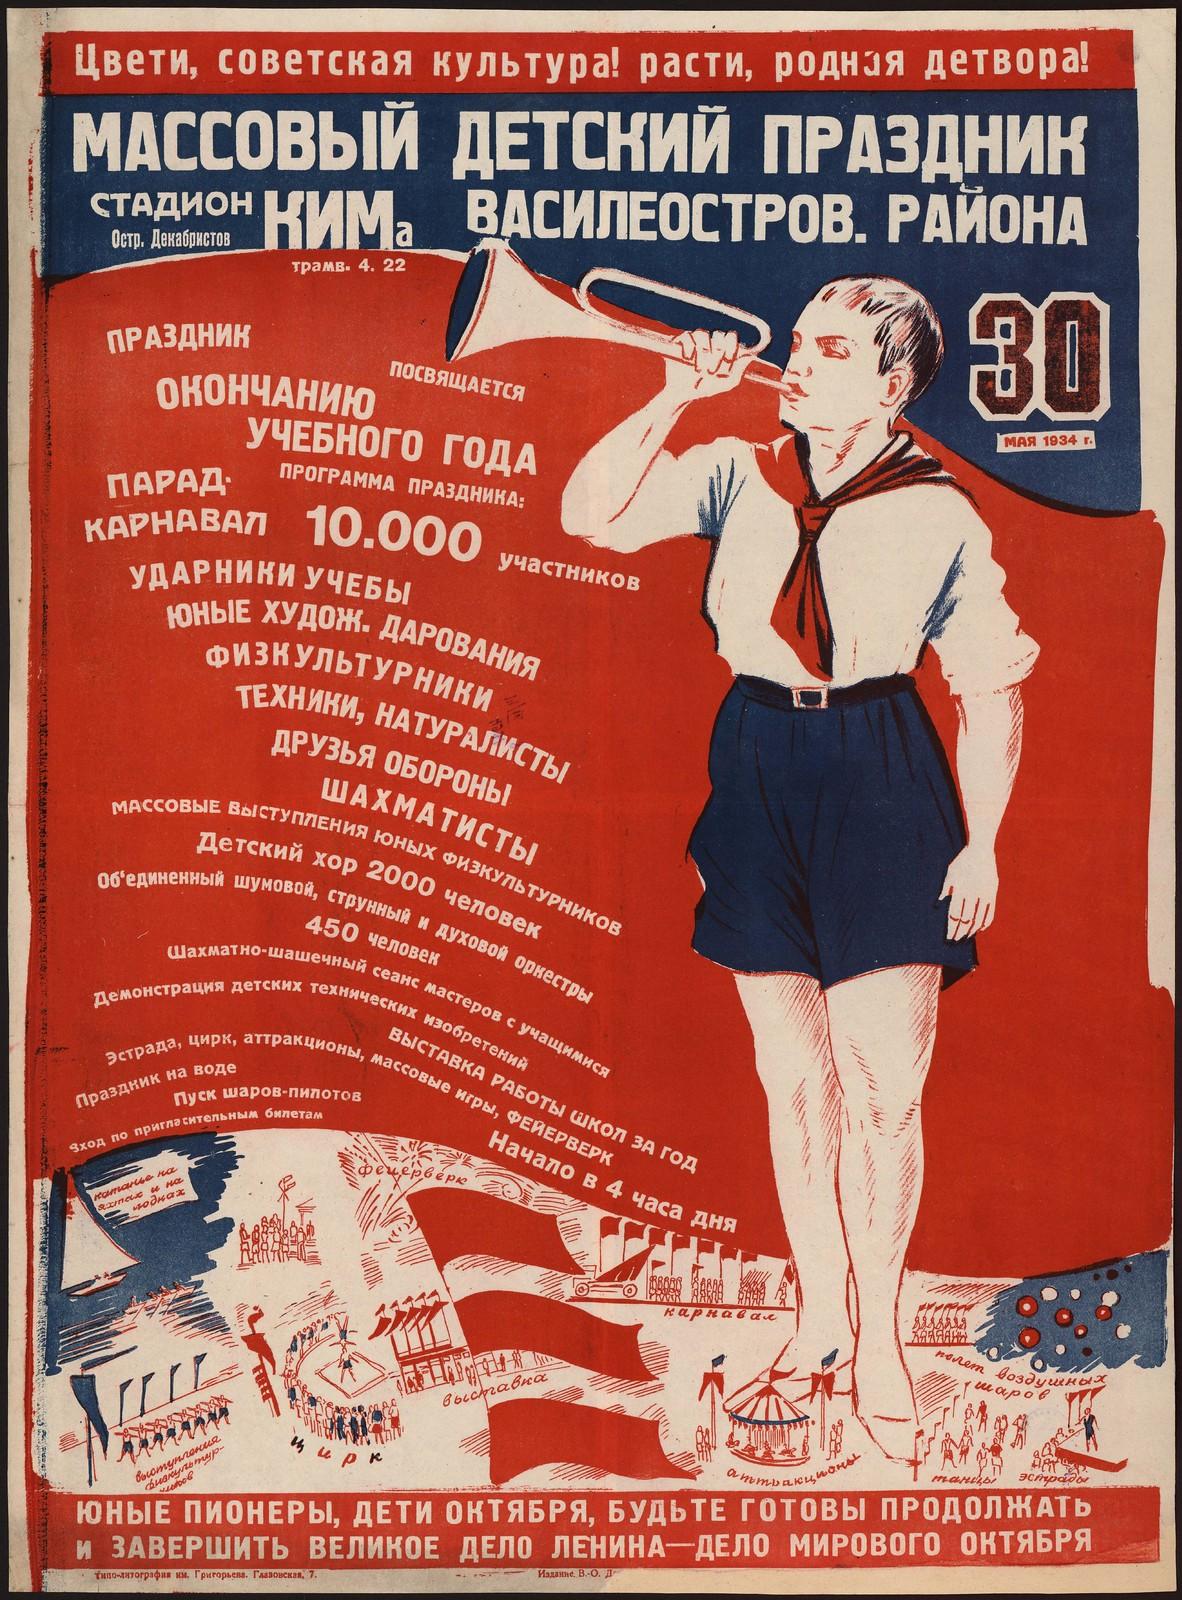 1934. Массовый детский праздник Василеостров. района. 30 мая 1934 г. Стадион КИМа